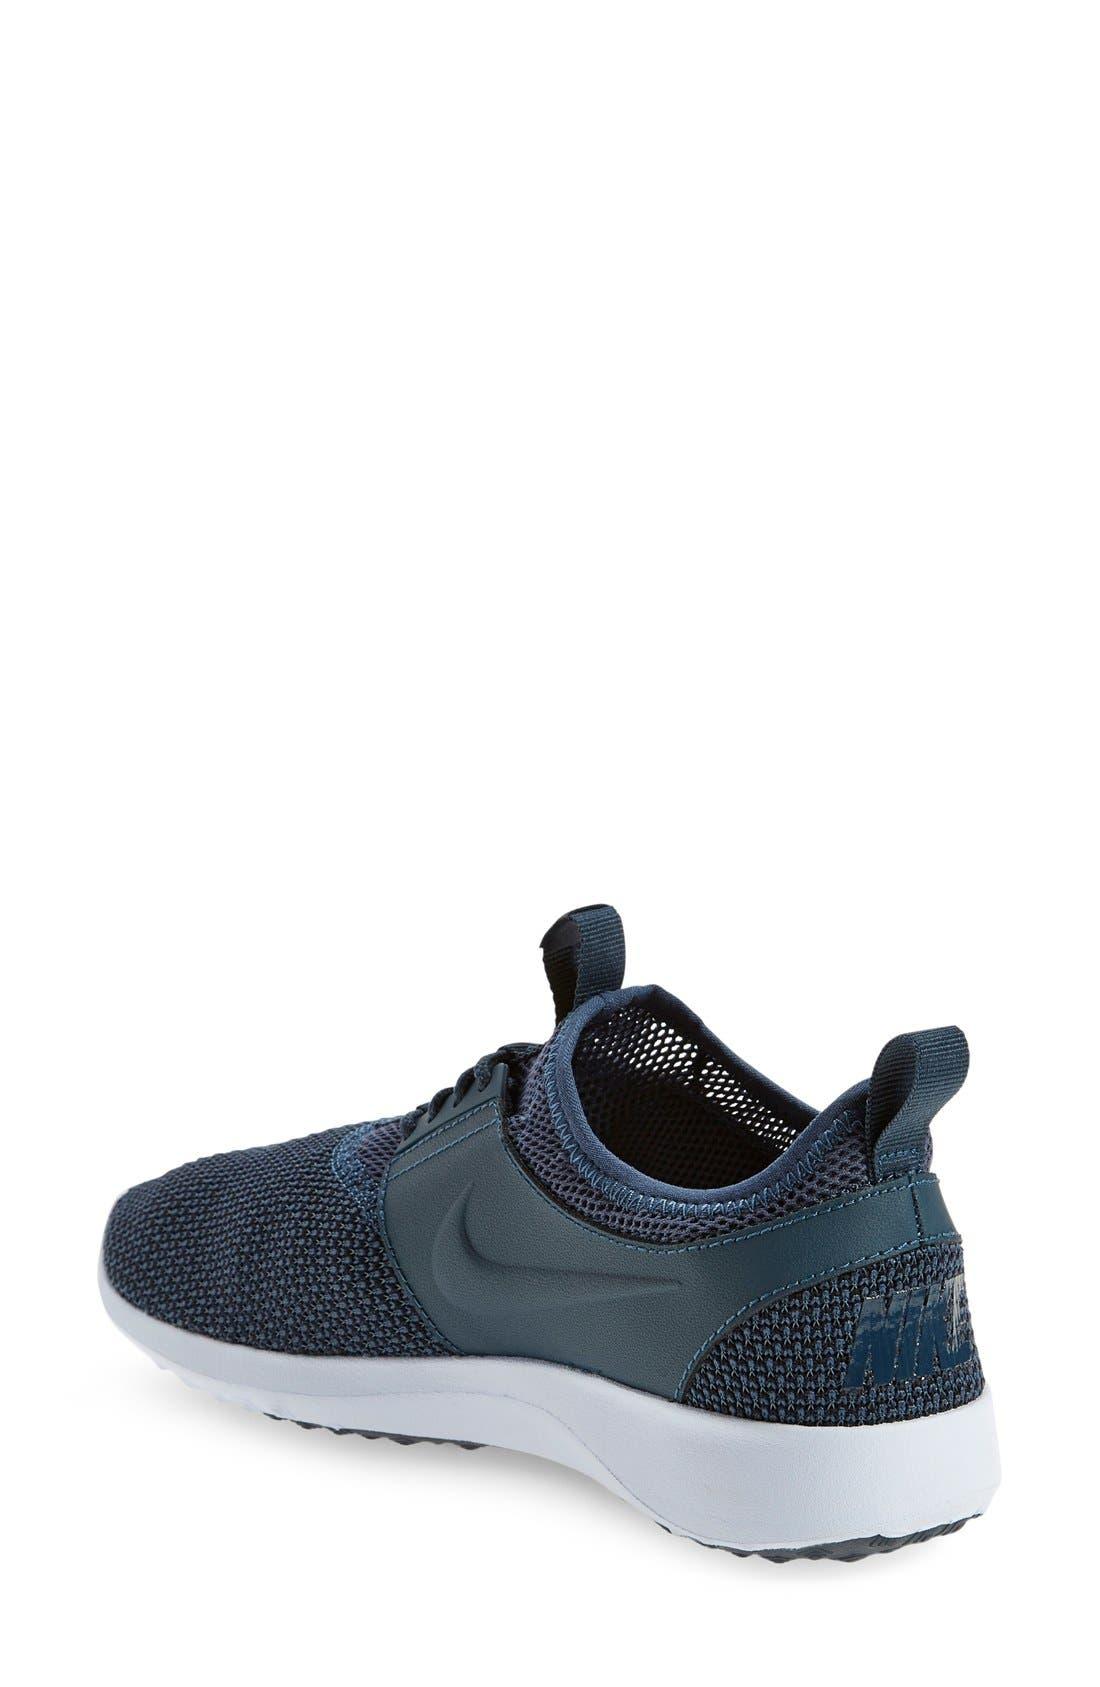 Alternate Image 2  - Nike 'Juvenate TXT'Sneaker (Women)